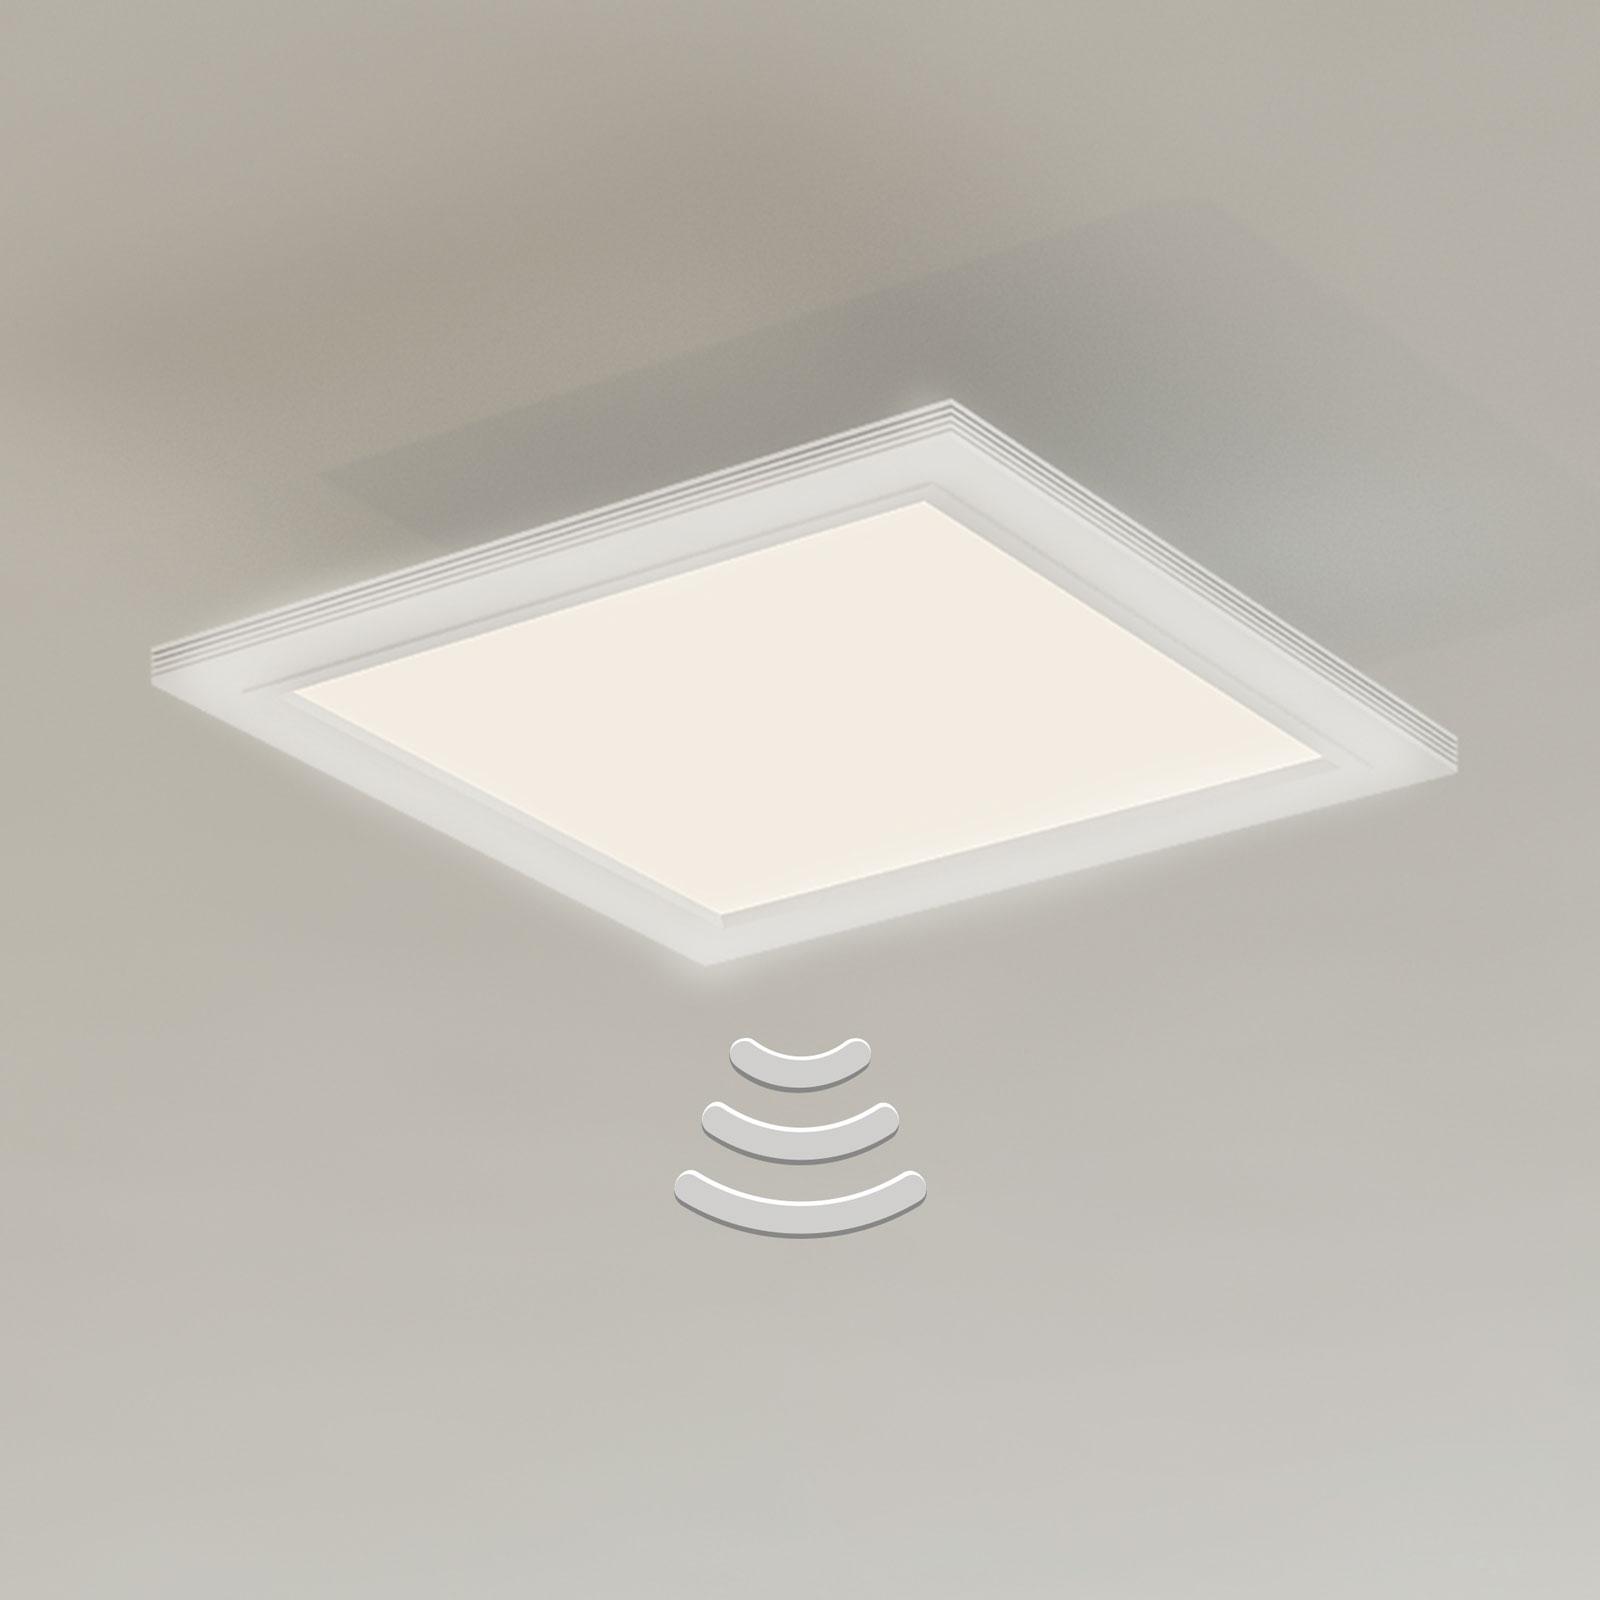 LED-Deckenlampe 7187-016 mit Sensor, 29,5x29,5cm kaufen